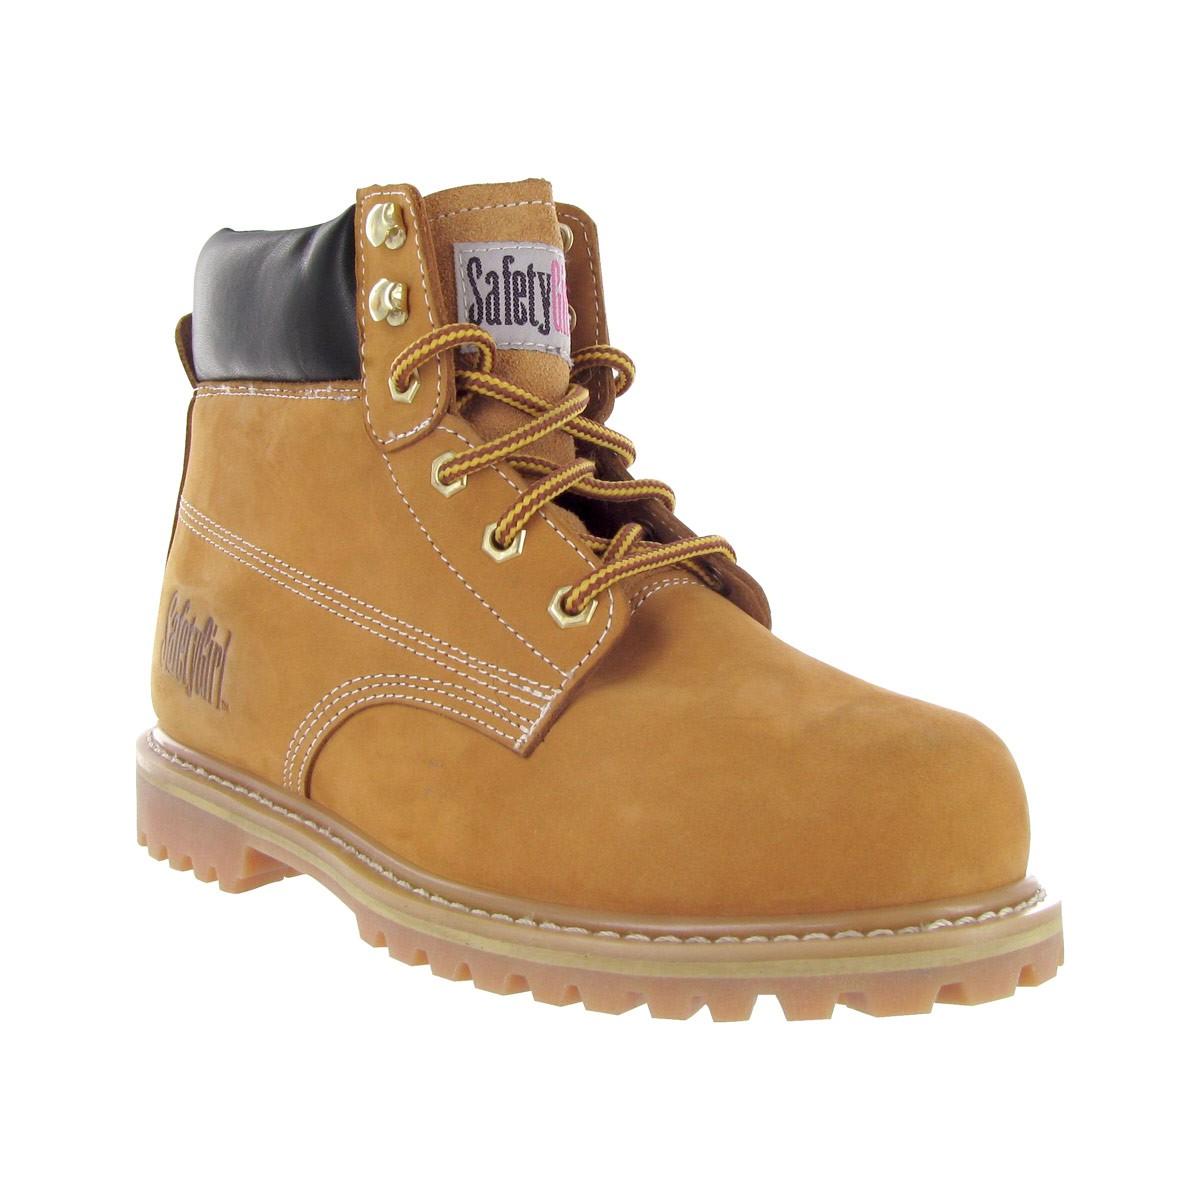 safety steel toe waterproof womens work boots